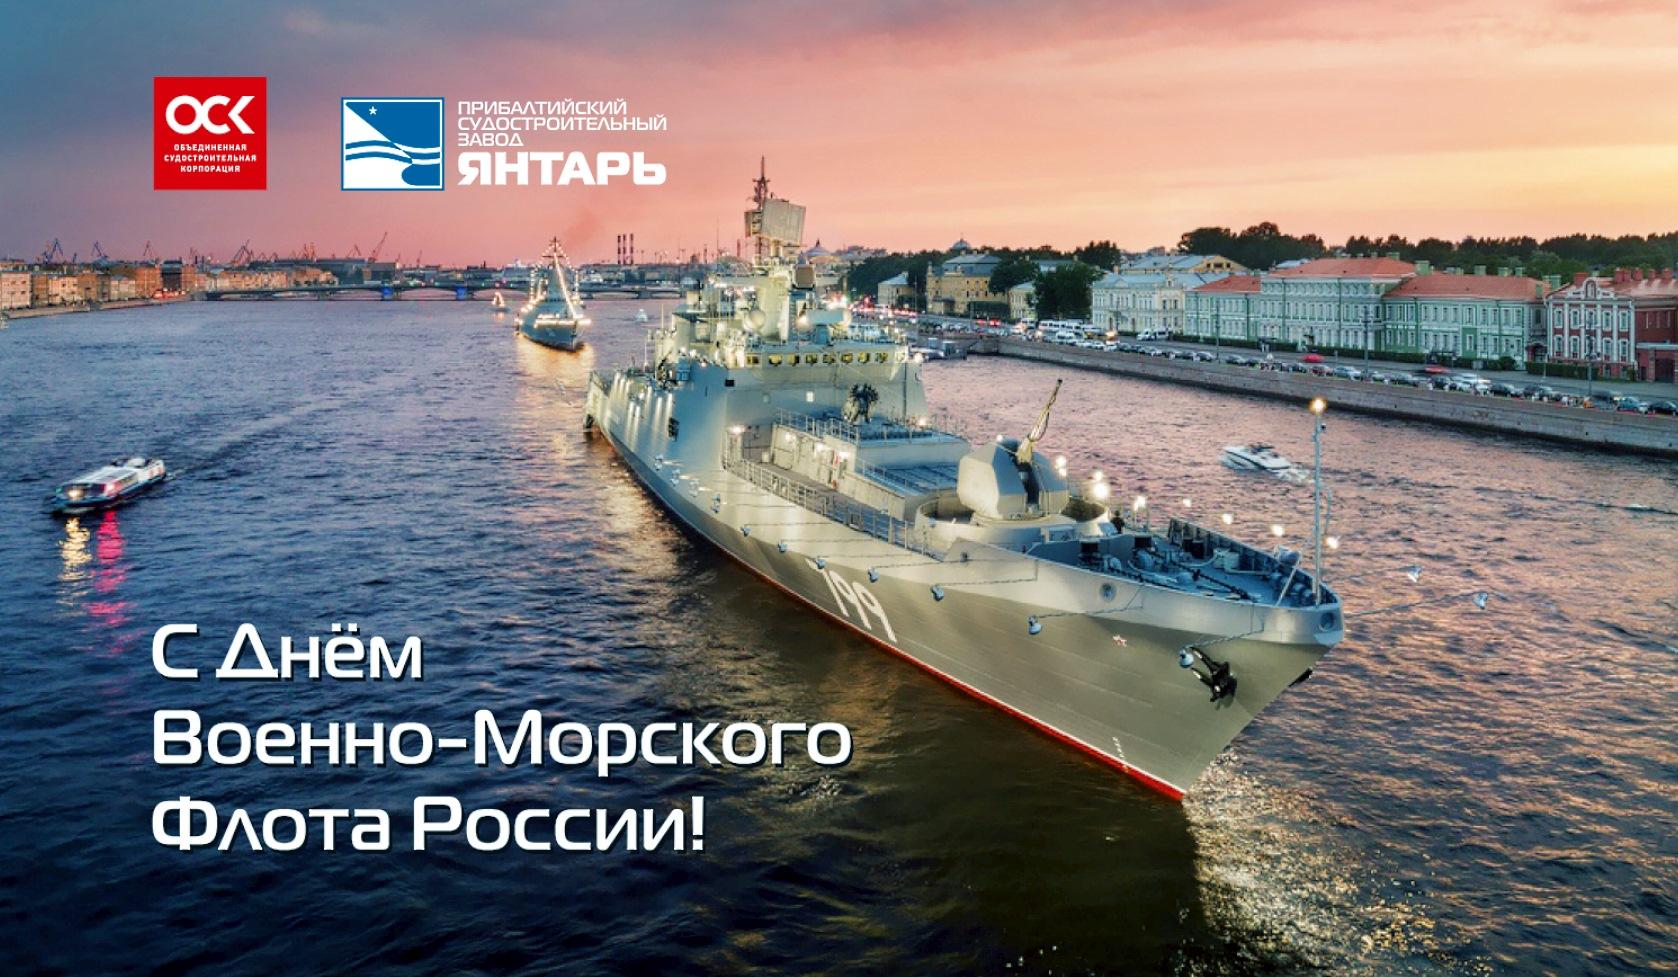 Поздравление генерального директора с Днем Военно-морского флота России!